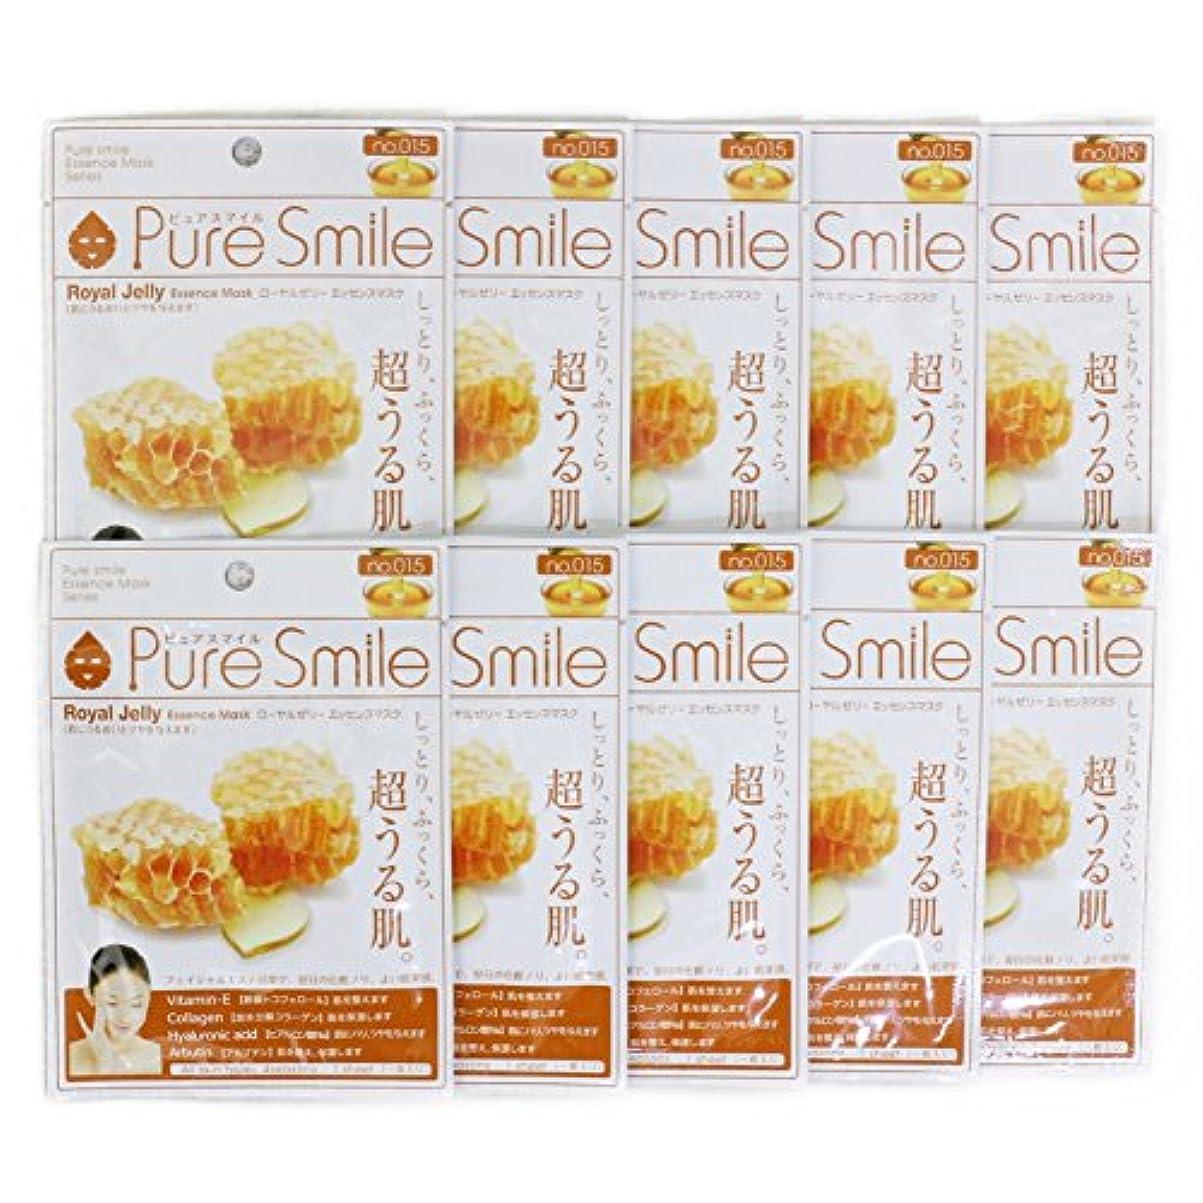 ドレス不要作るPure Smile ピュアスマイル エッセンスマスク ローヤルゼリー 10枚セット